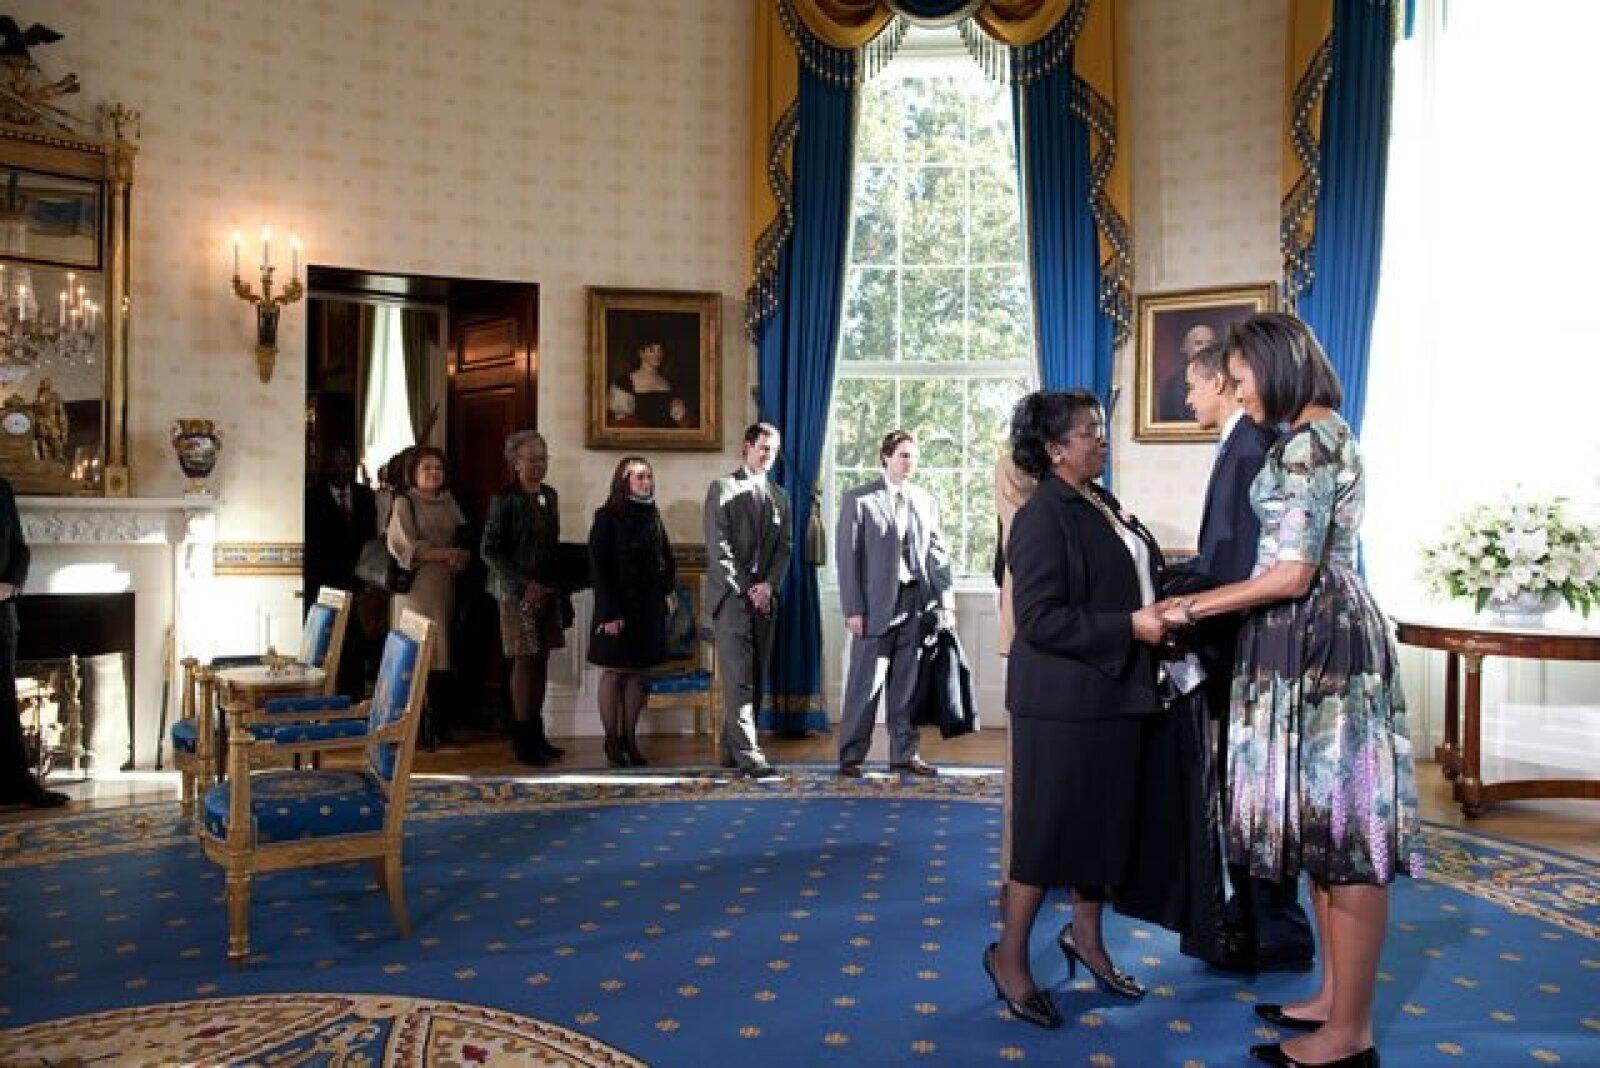 El presidente y la primera dama, Michelle Obama, dan la bienvenida a algunos visitantes en la Sala Azul de la Casa Blanca.